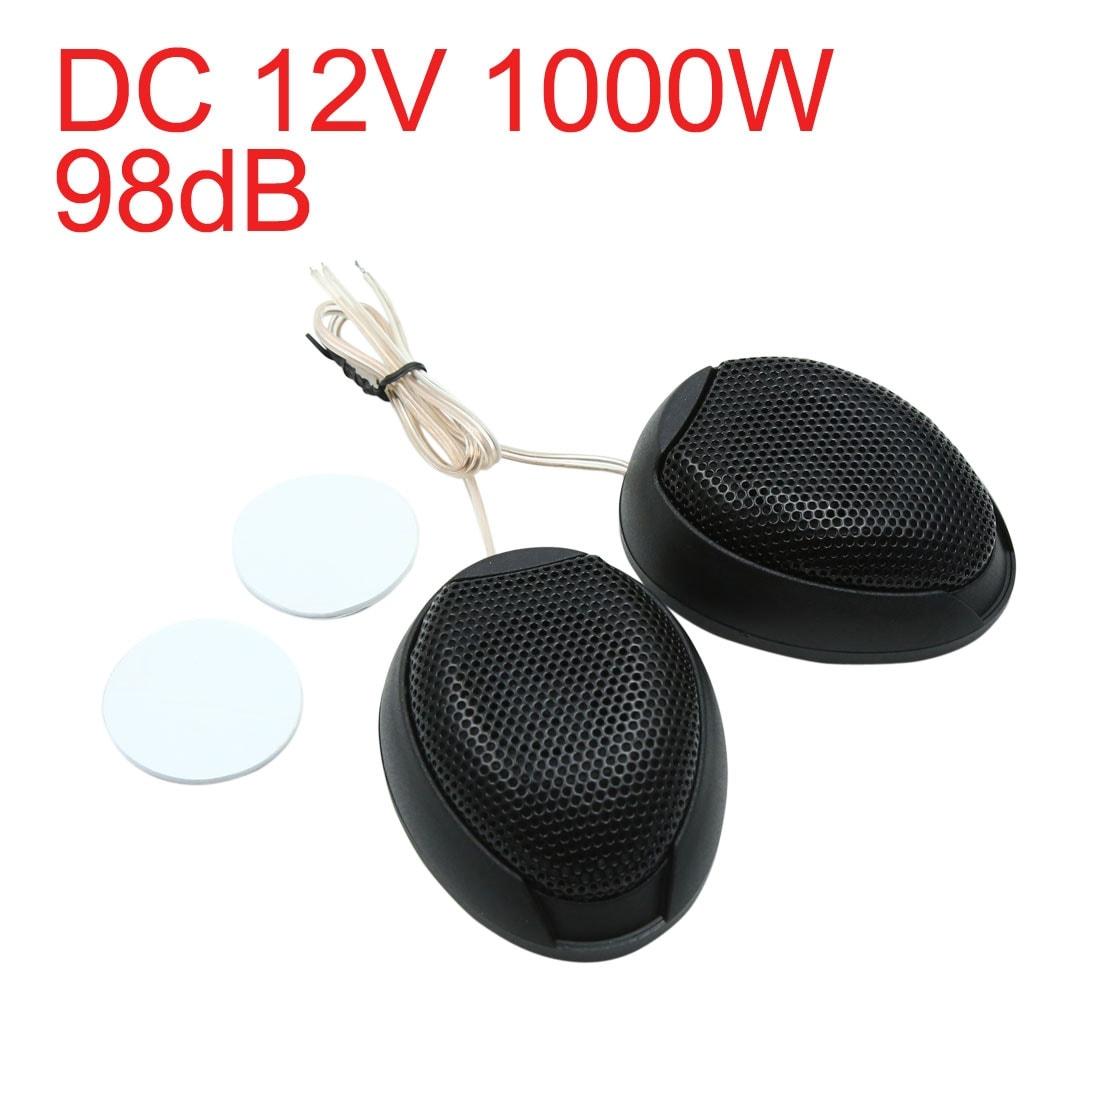 Car Stereo Audio Speaker Tweeter 120W Max Power Loud Dome Speakers 92dB 1 Pair